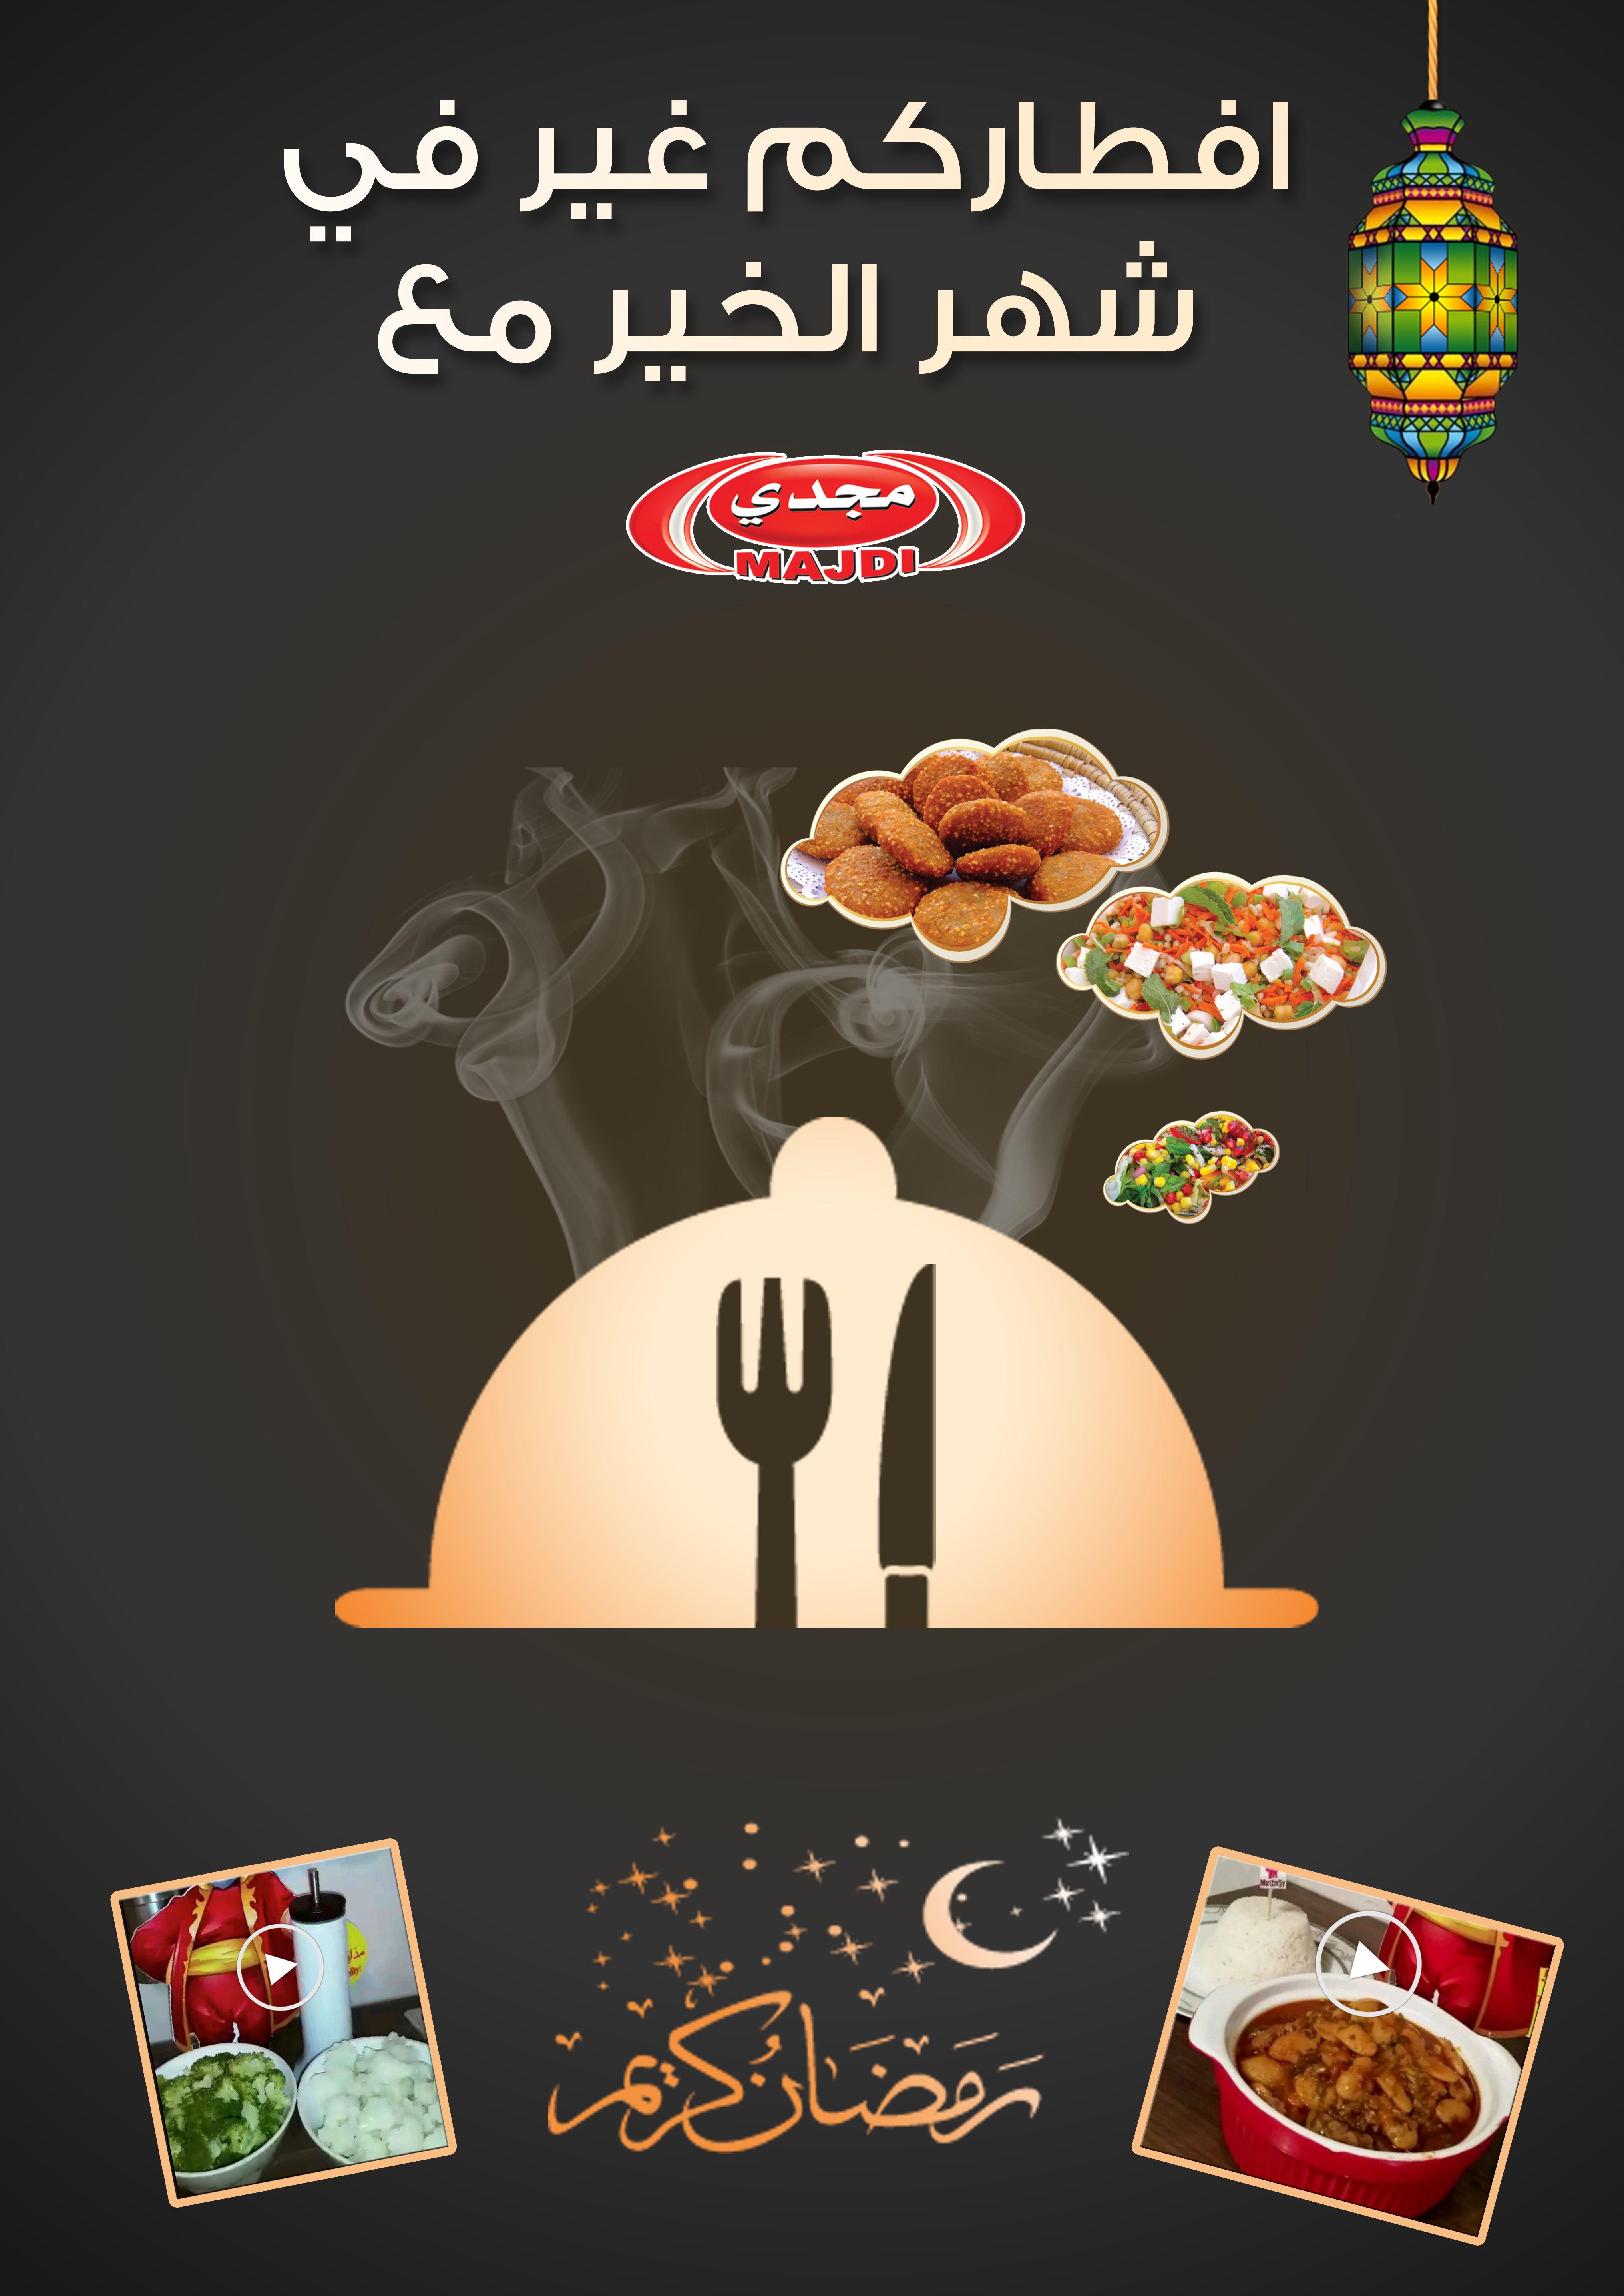 افطاركم غير في شهر الخير مع مجدي تابعونا كل يوم في رمضان لوصفات فطور و سحور فقط من العم مجدي Ramadan Babamajdiclub Fotoor Electronic Products Enjoyment